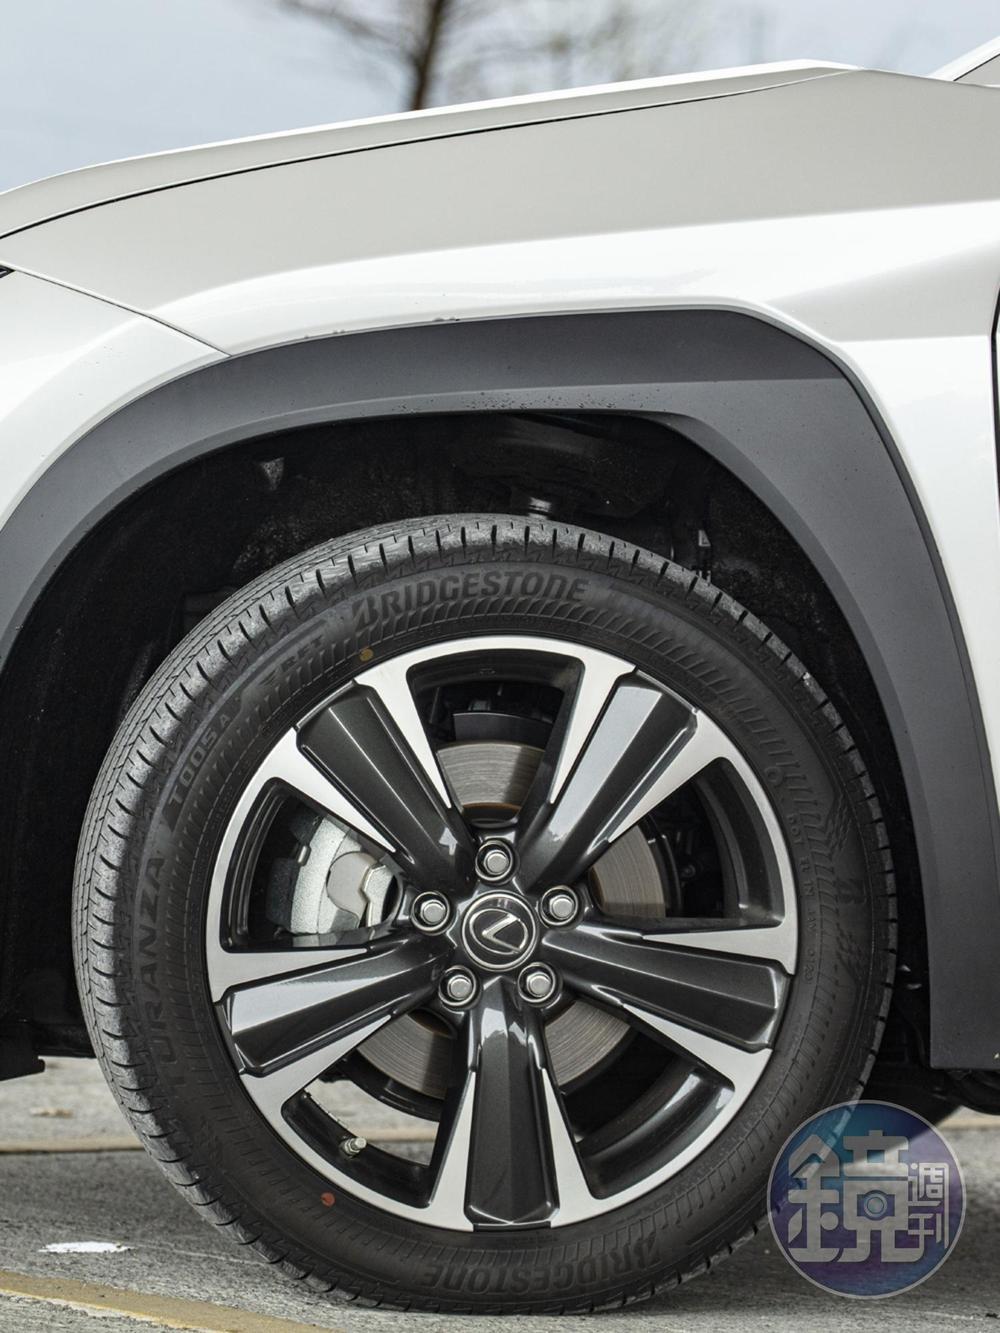 啟發自各大賽事經驗的世界首創空力輪弧及升級版18吋鋁圈,與UX200 F-Sport同樣大小,但F-Sport版配有F-Sport樣式鋁圈,UX200菁英PLUS版則為銑黑樣式,兩者並不相同。